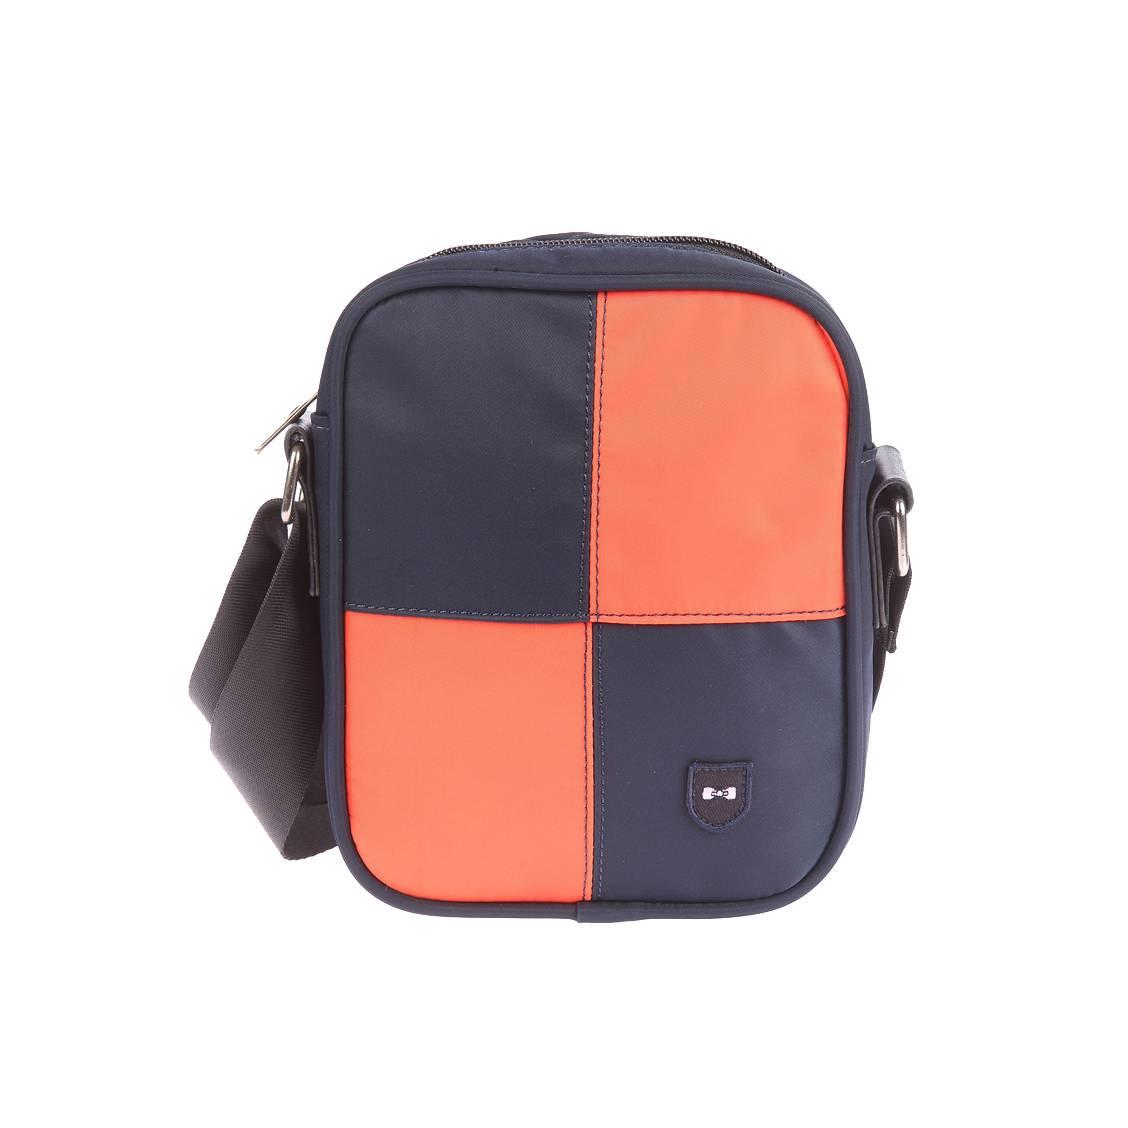 Sacoche zippée porté croisé  en toile à damier orange et bleu marine